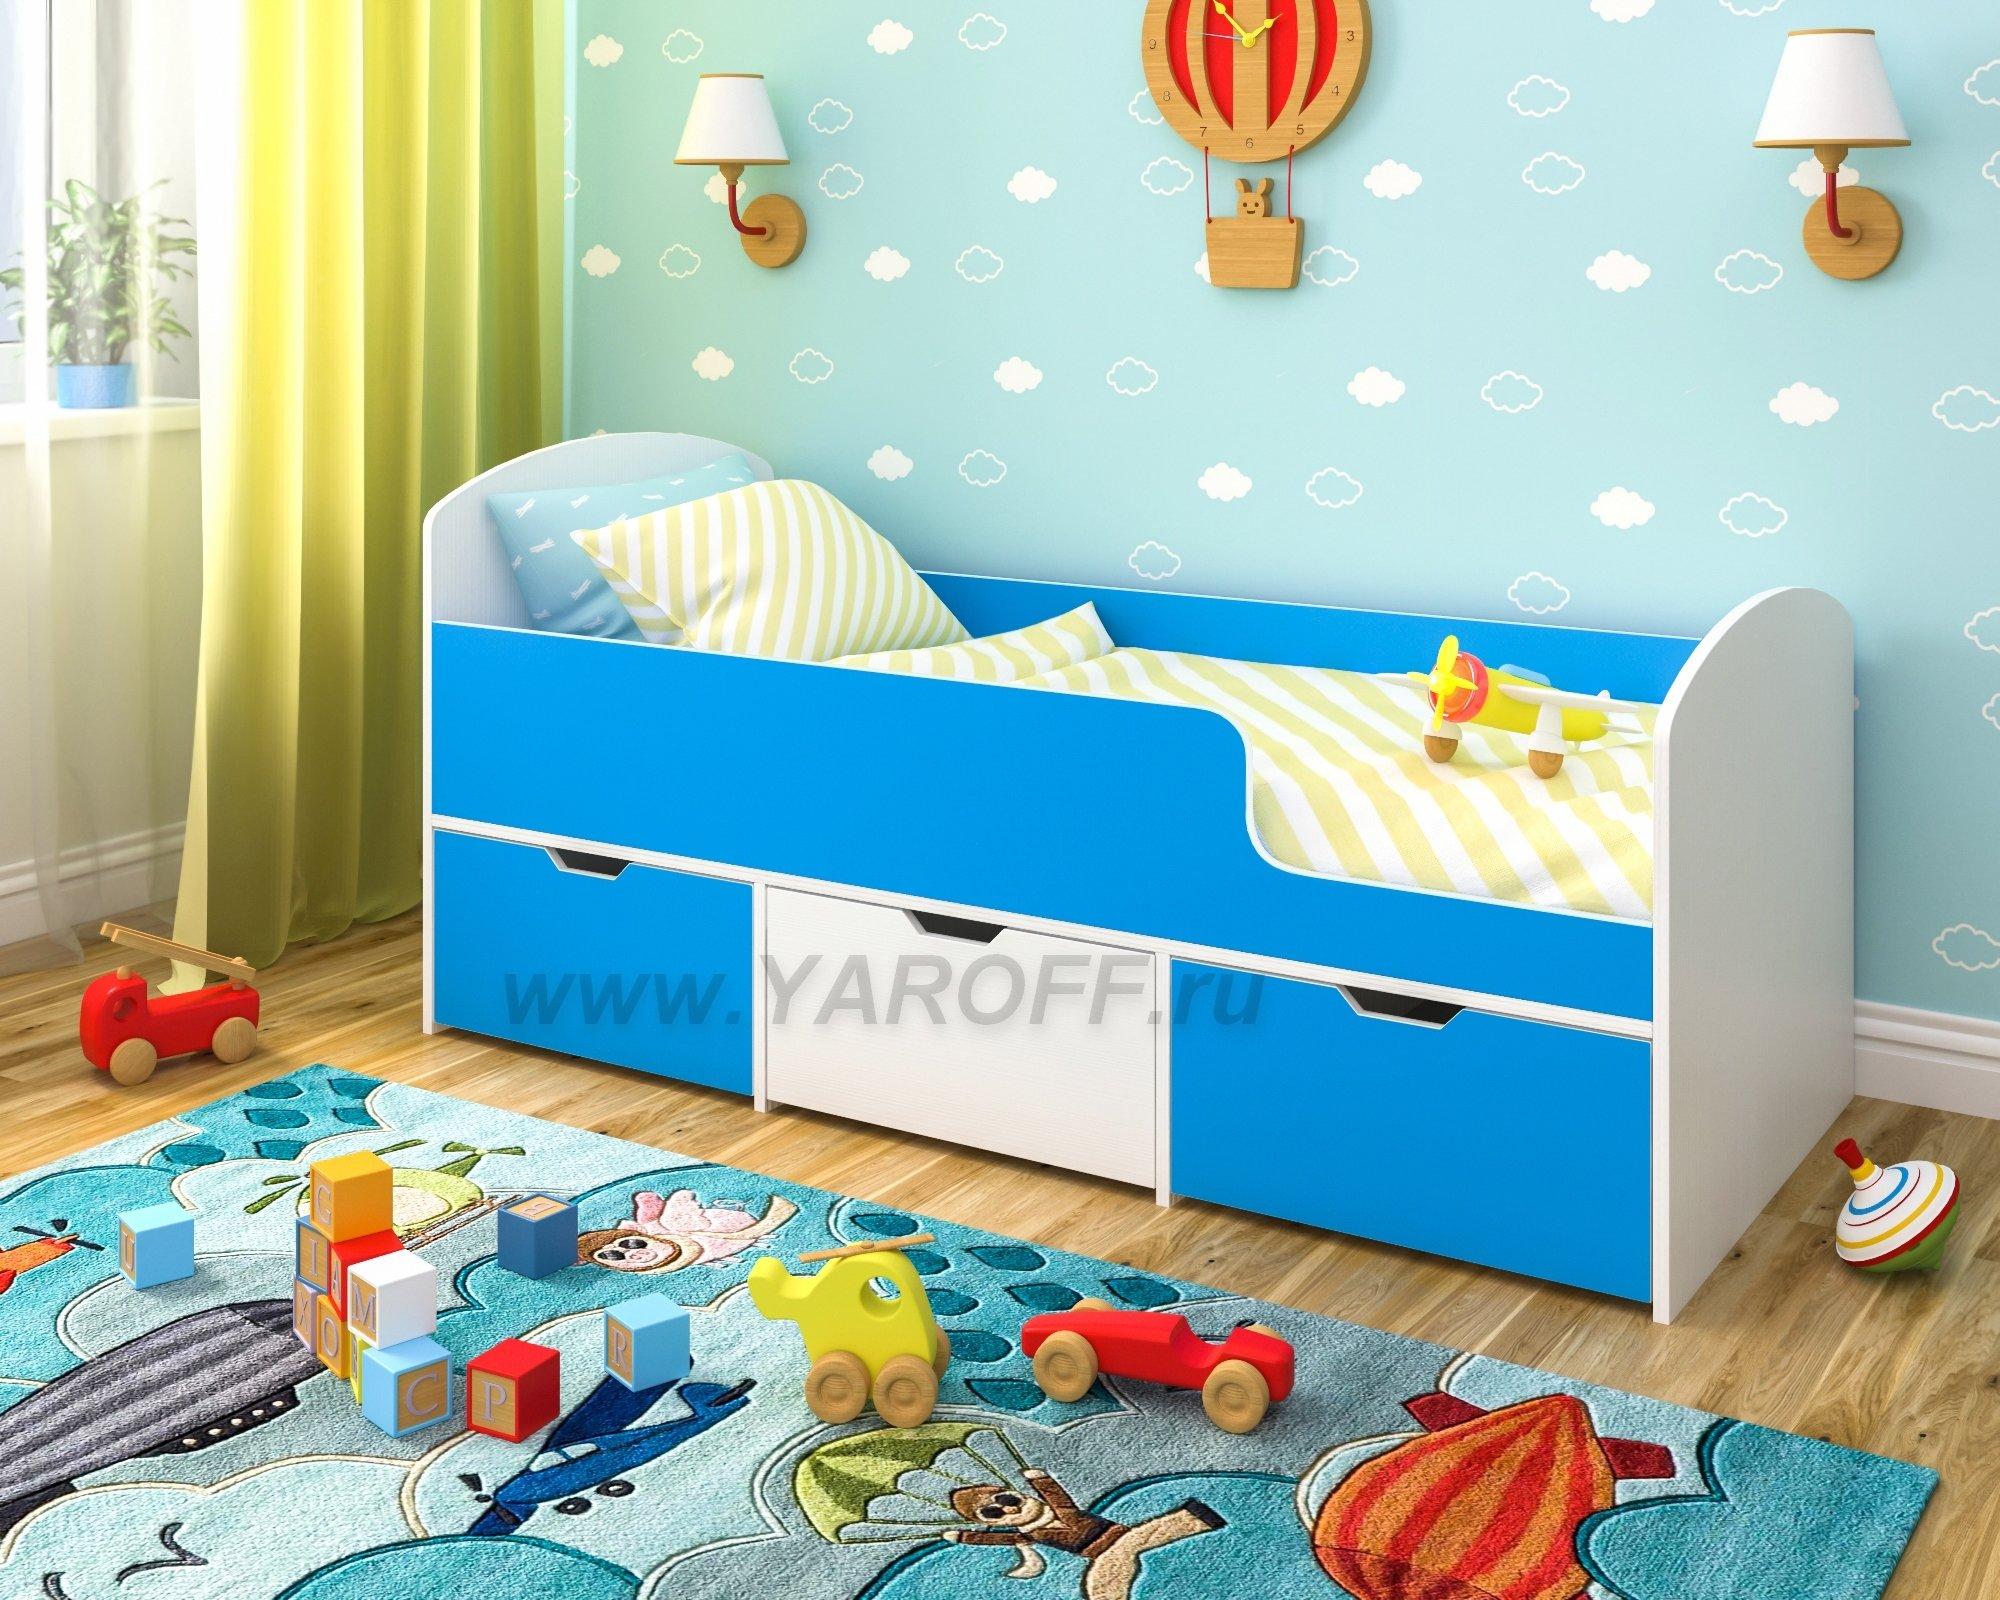 Кровати для детей от 2 лет с бортиками фото цена